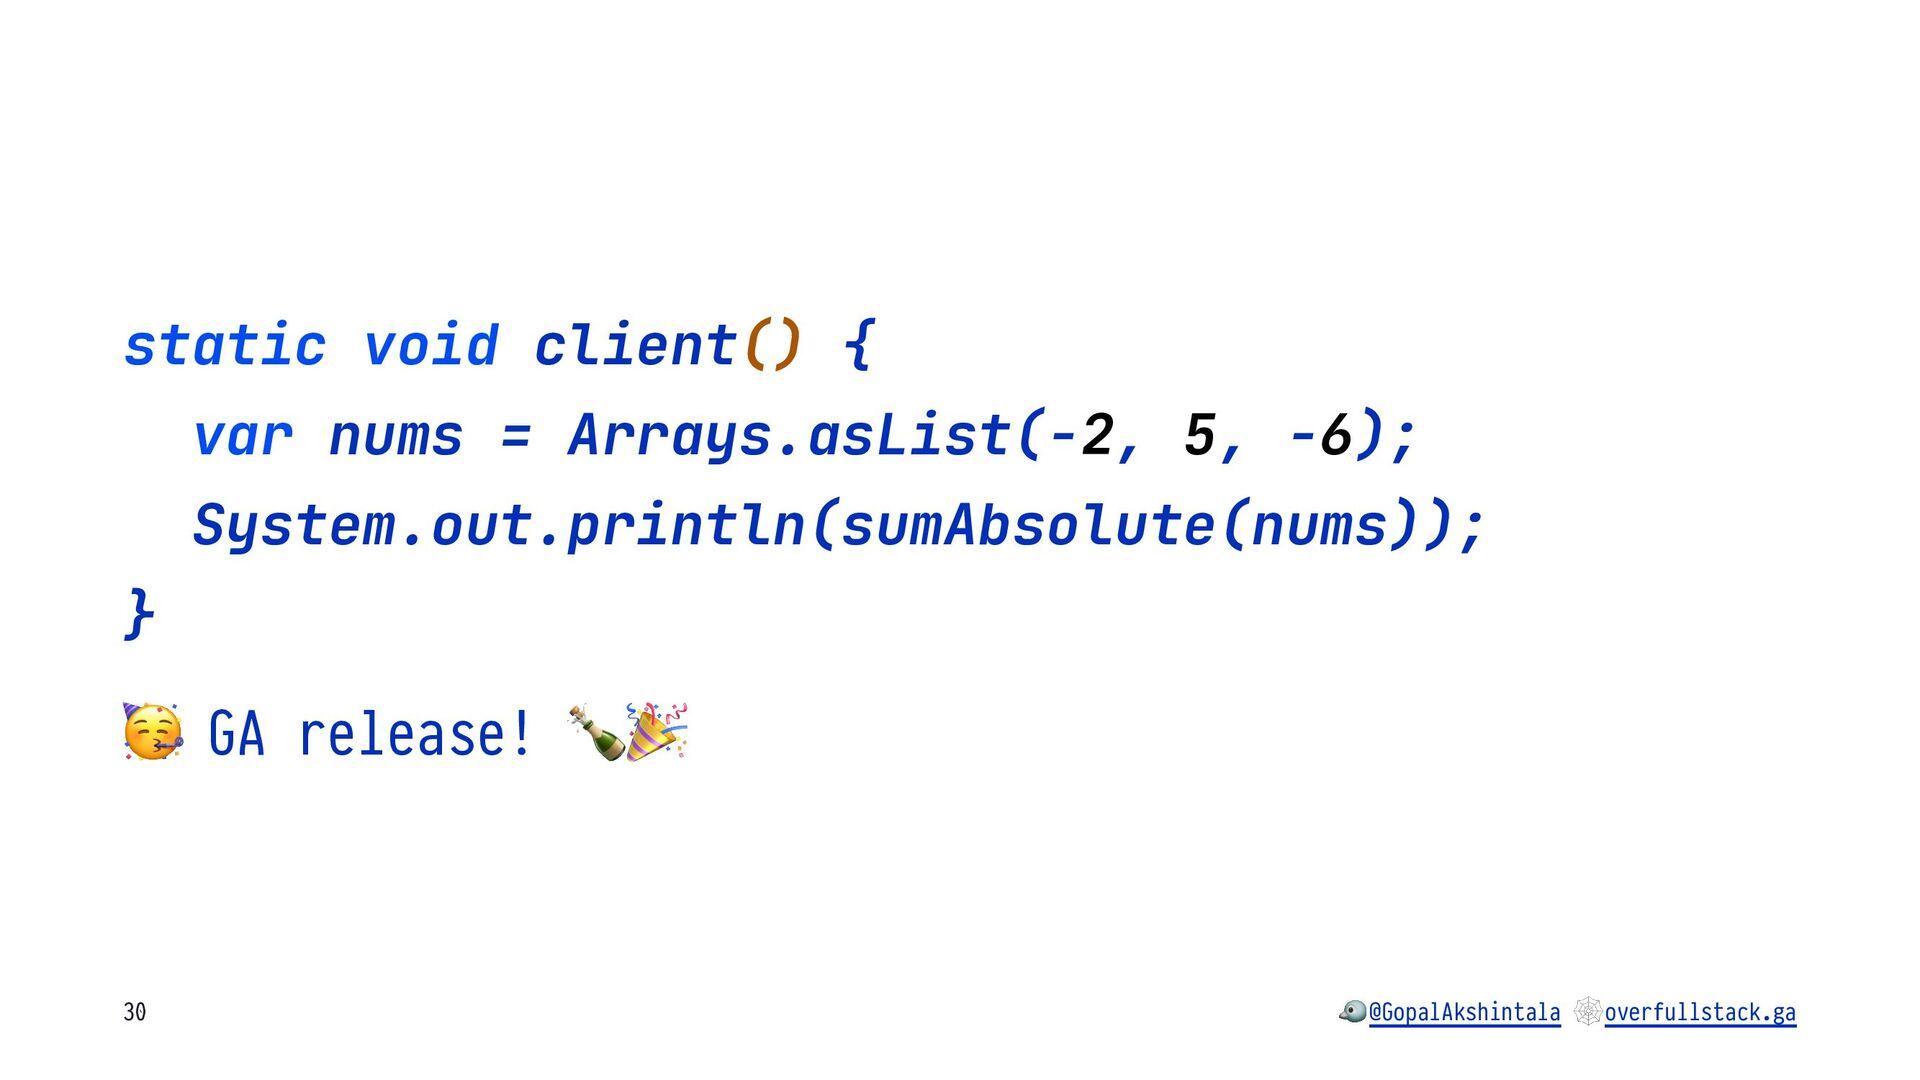 static void client() { var nums = Arrays.asList...